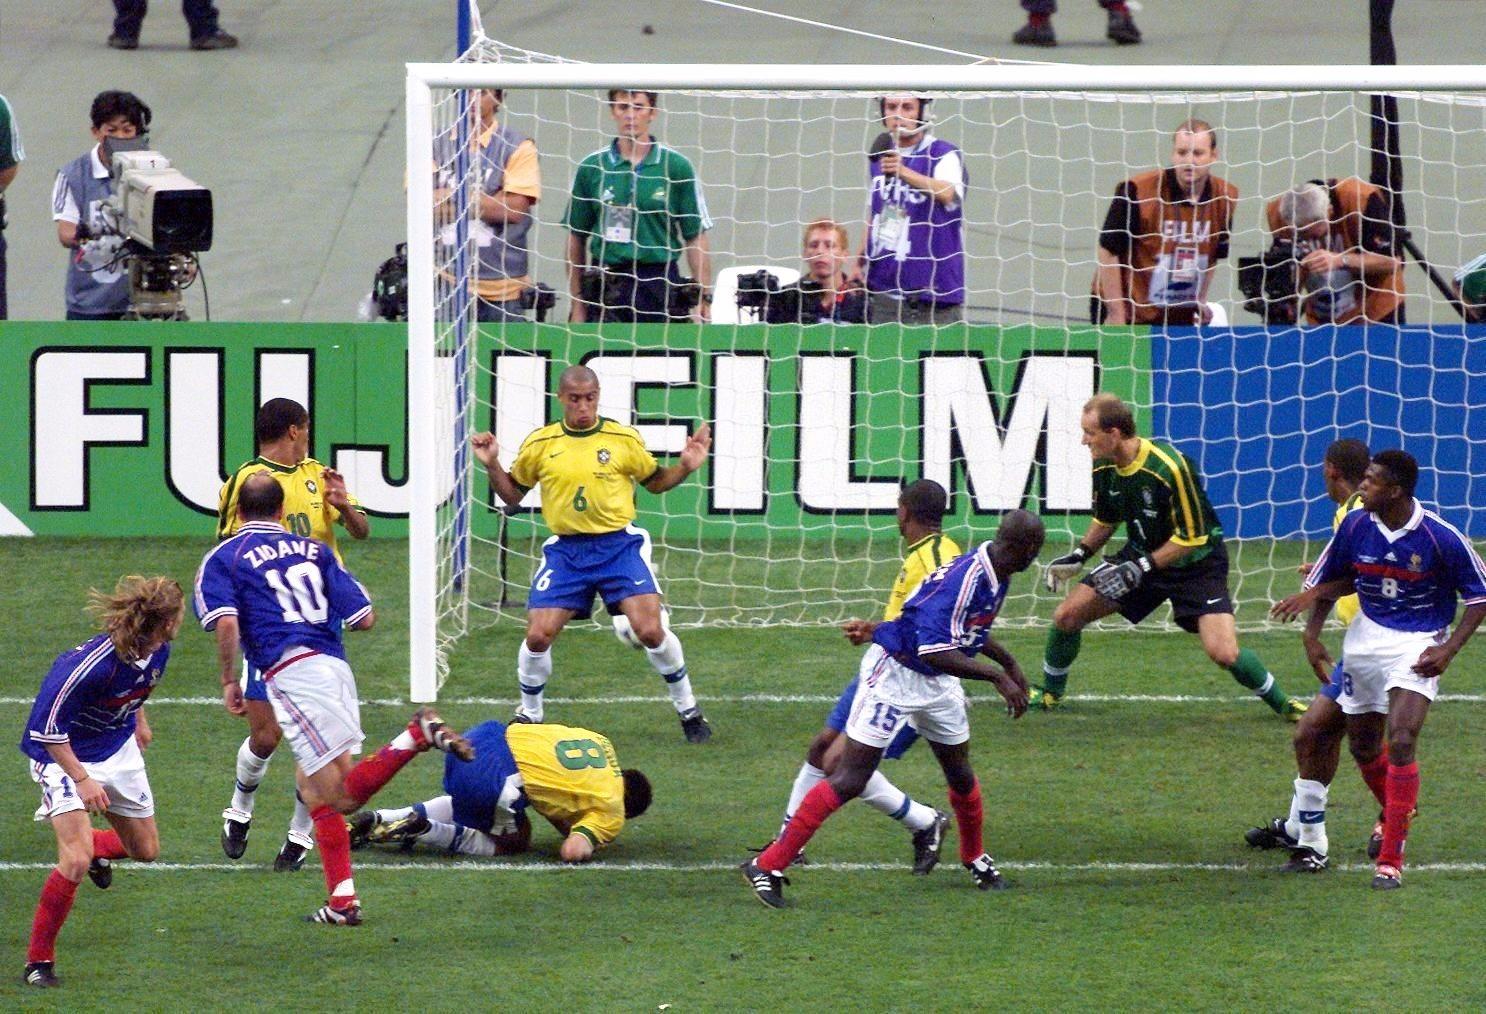 图为1998年7月12日,在法国世界杯决赛中,巴西队门将塔法雷尔(右三)在比赛中未能阻拦法国队球员齐达内(前左二)的头球攻门。